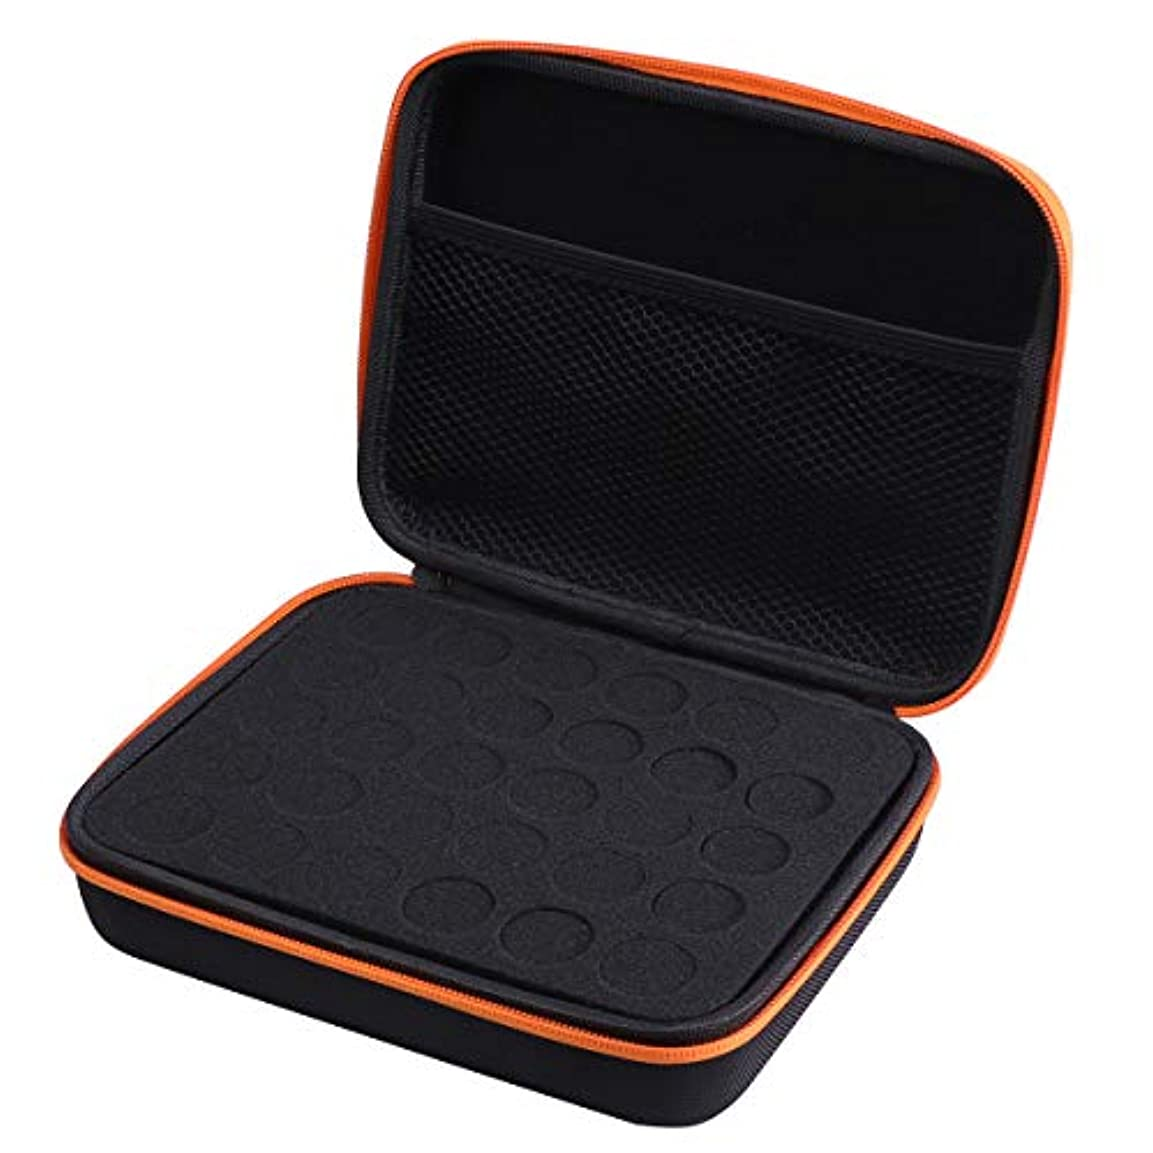 副現代細いLURROSE 30スロットボトルエッセンシャルオイル収納ケースポータブルエッセンシャルオイルトラベルボックスホルダーオーガナイザー(オレンジ)